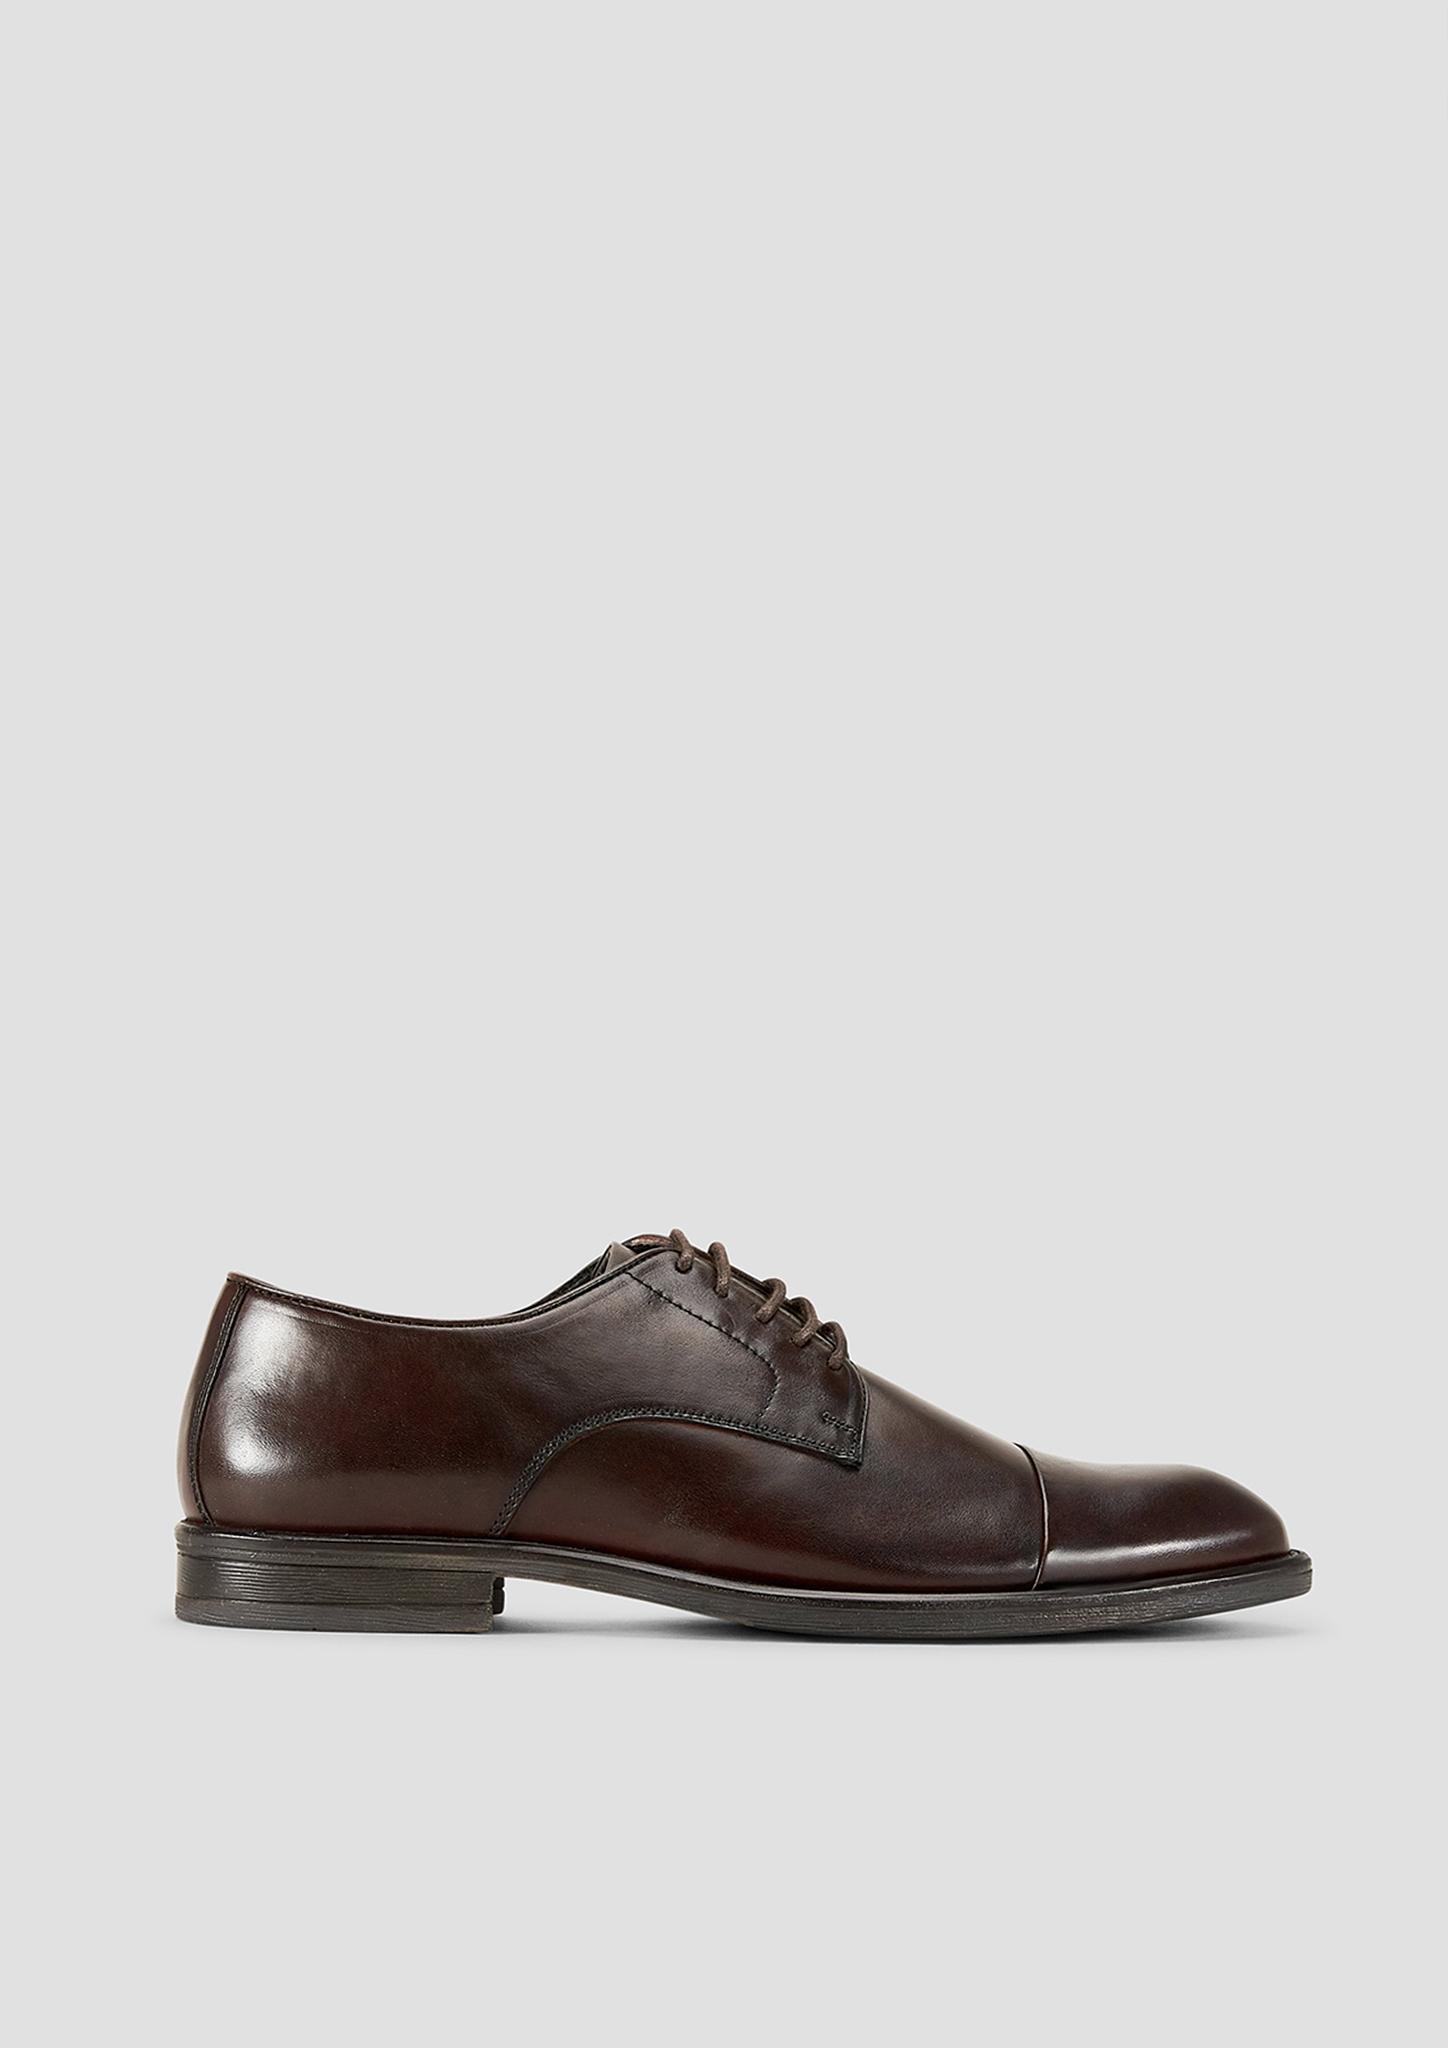 Lederschnürer | Schuhe > Schnürschuhe | Braun | Obermaterial aus leder| futter und decksohle aus leder und textil| laufsohle aus synthetik | s.Oliver